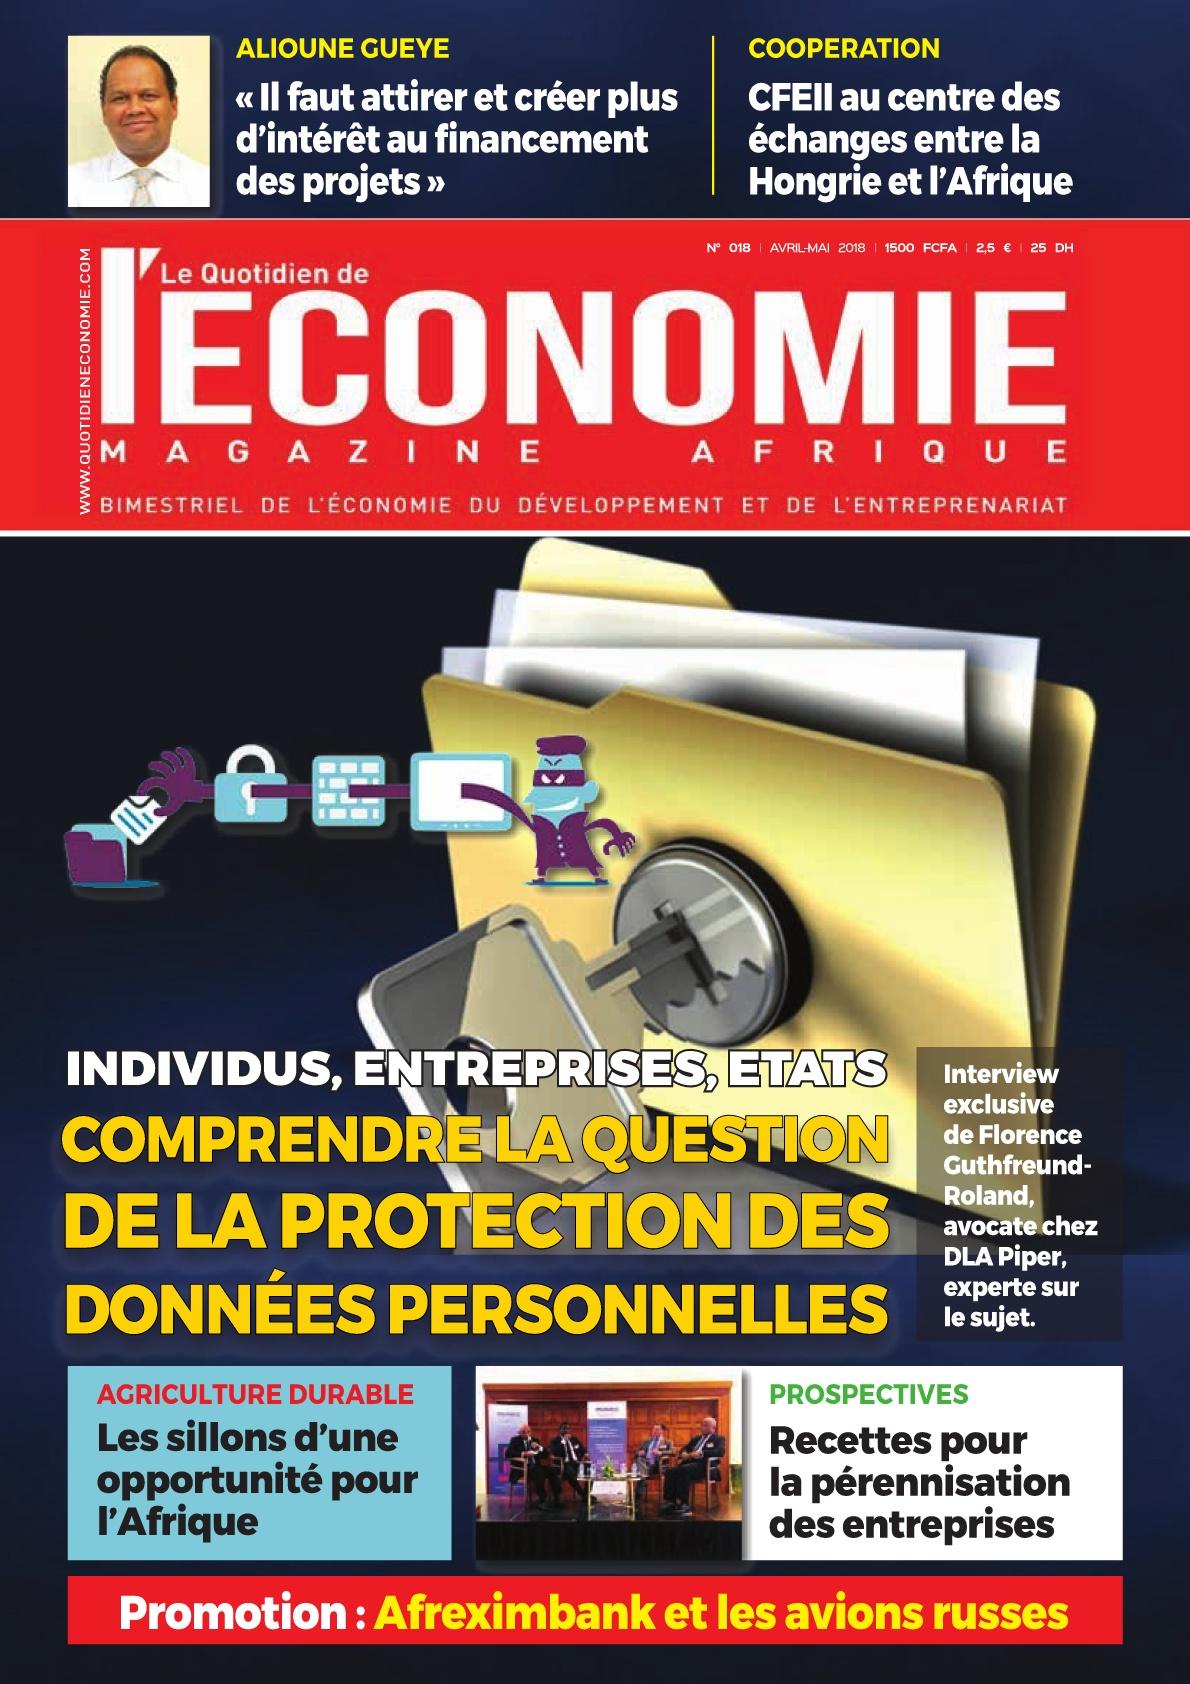 Le Quotidien de l'Economie Magazine- 25/04/2018